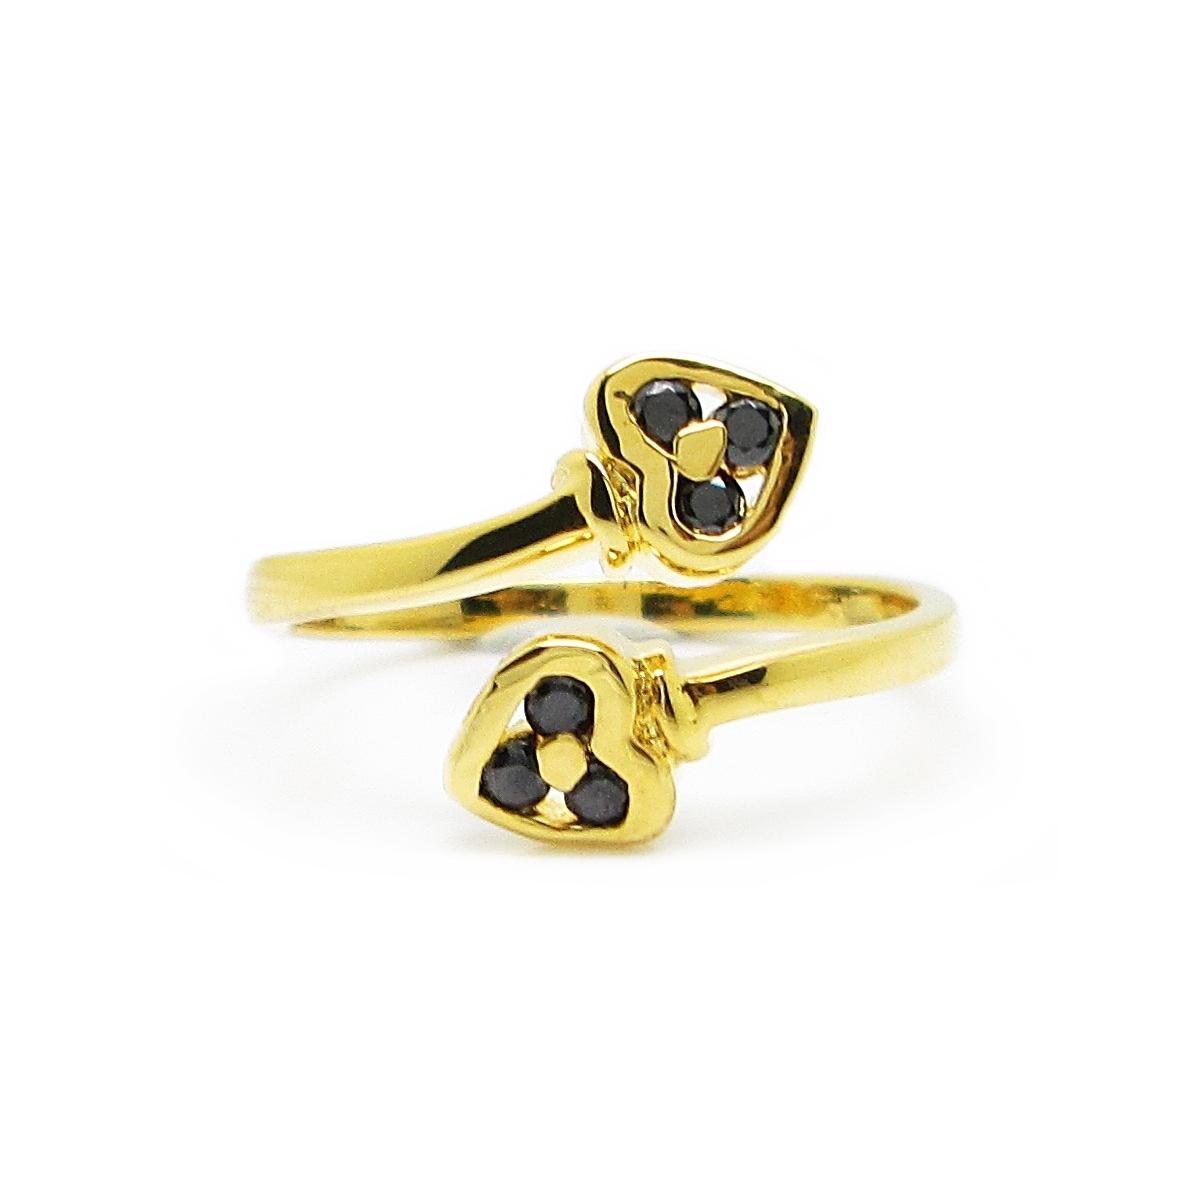 แหวนฟรีไซส์หัวใจประดับพลอยสีนิลชุบทอง